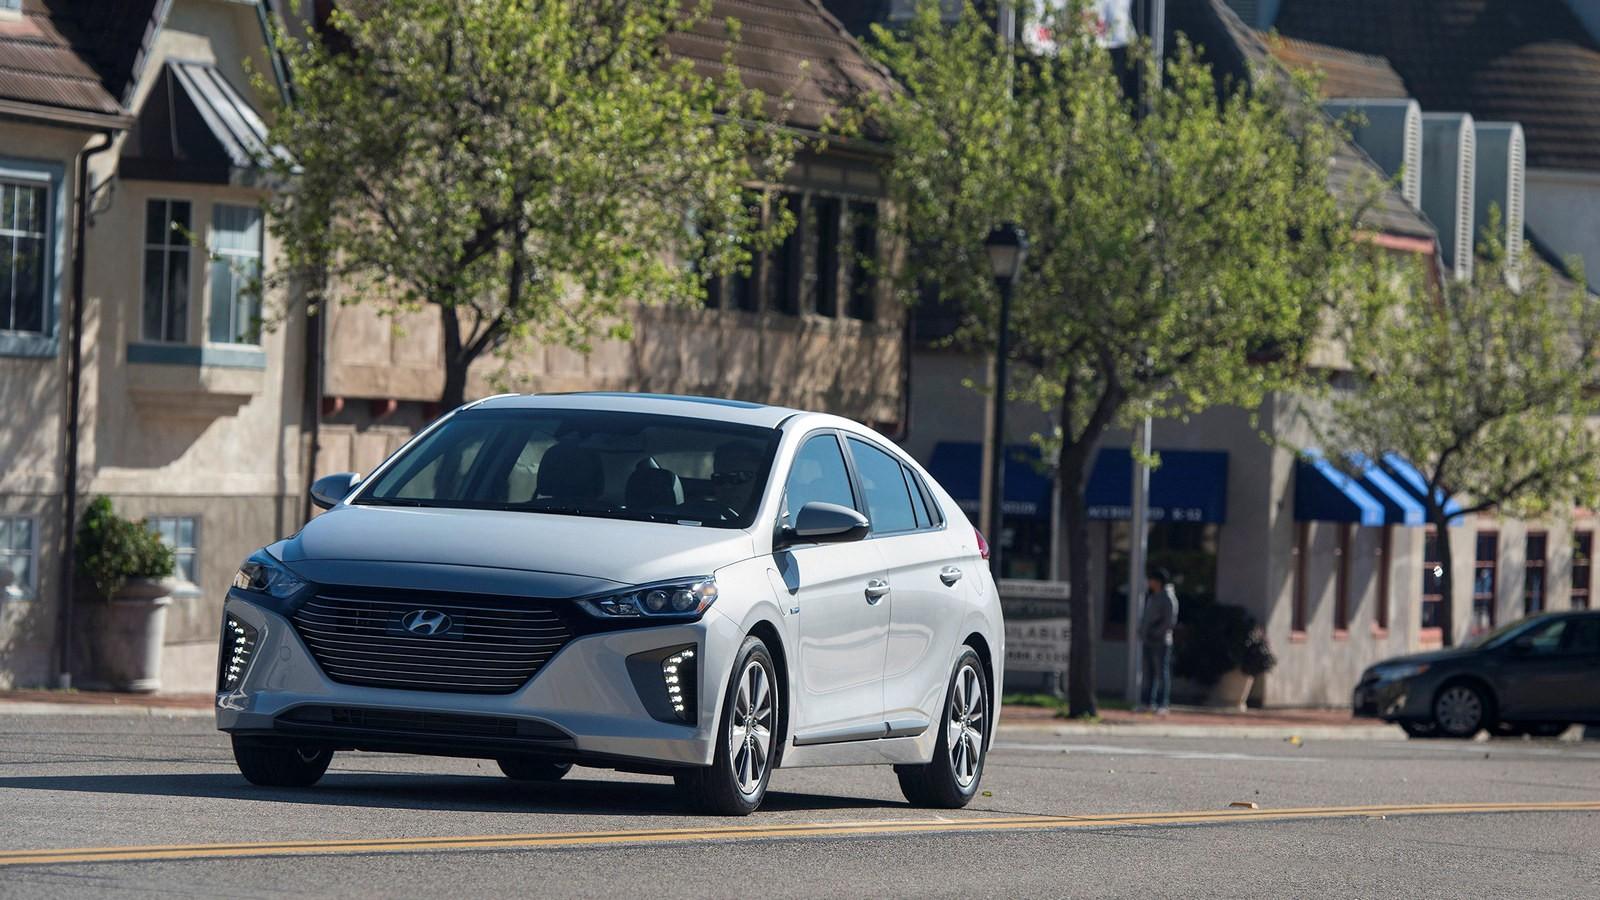 Hyundai Ioniq (стандартная версия)